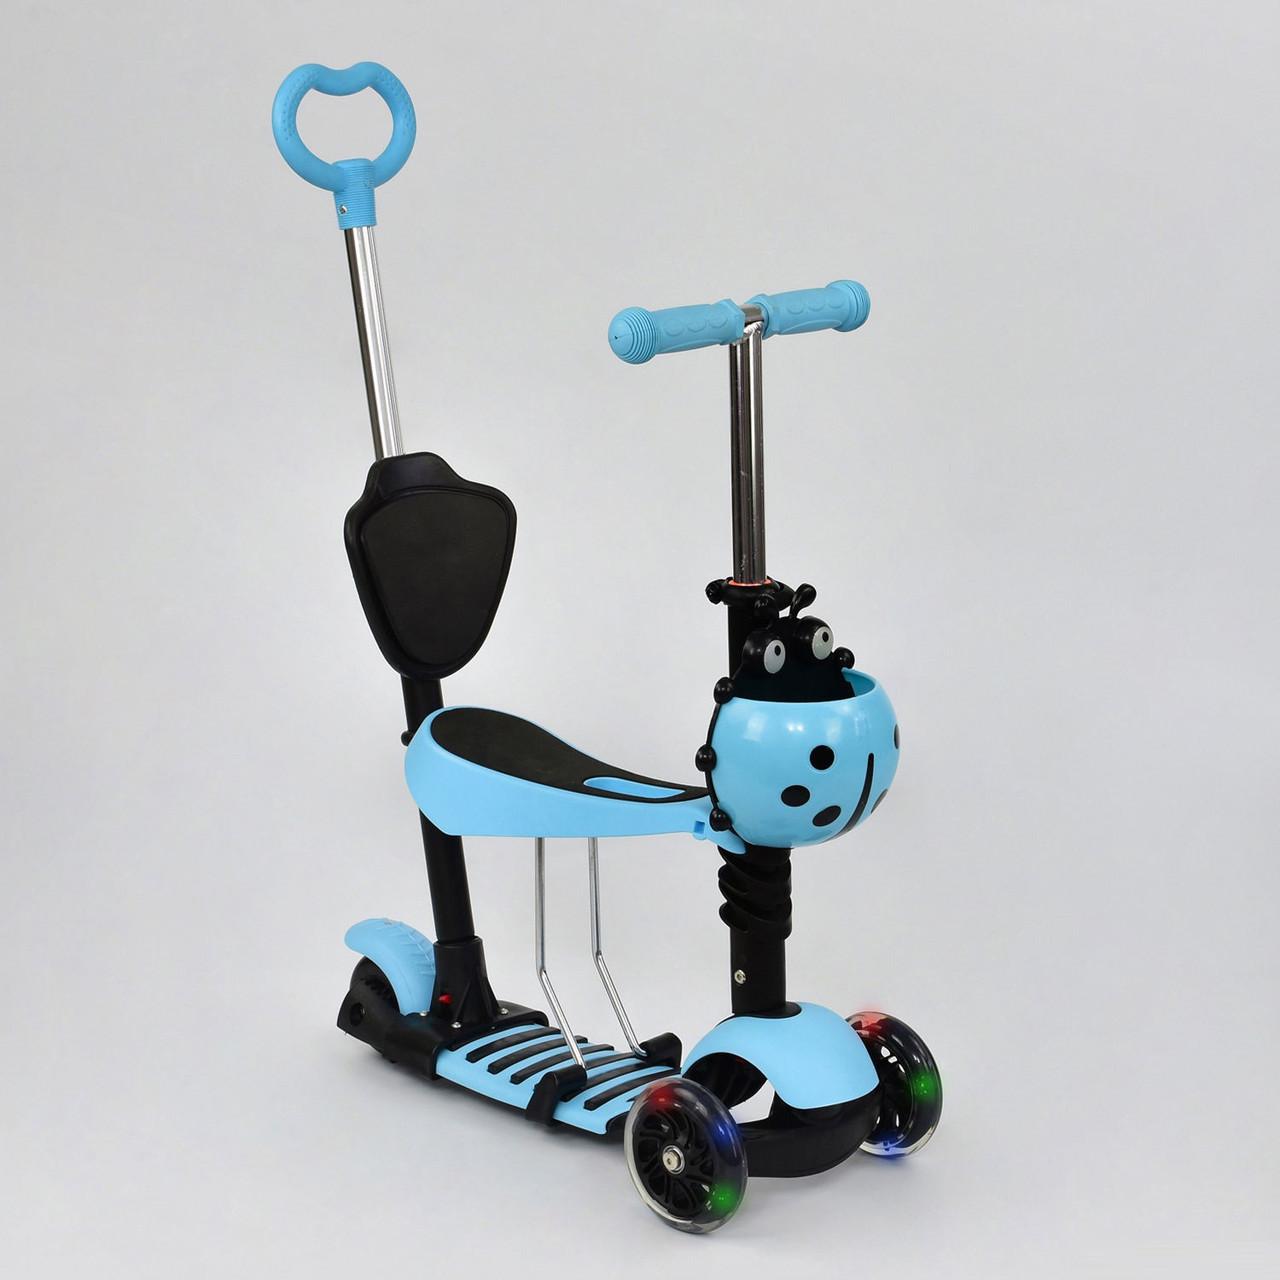 Детский трехколесный самокат-беговел 5 в 1 А 24679 - 3060  Best Scooter